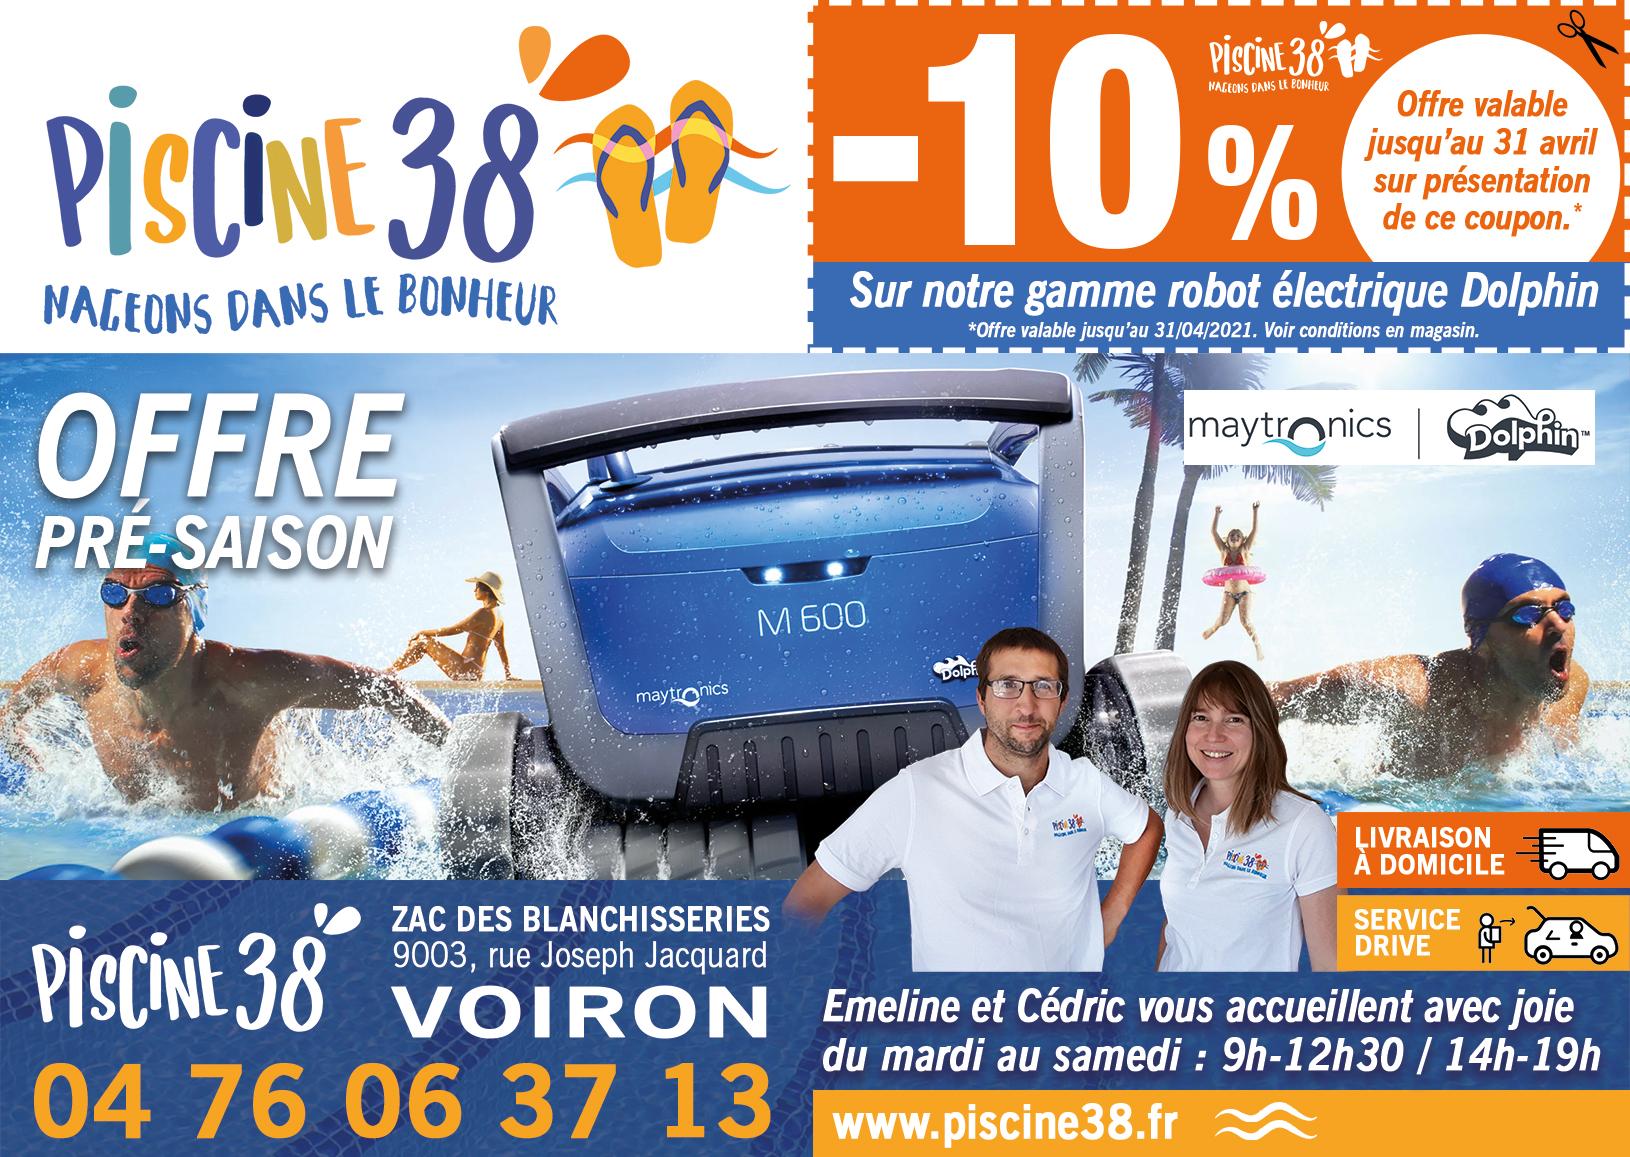 OFFRE PRE -SAISON -10% SUR LES ROBOTS DOLPHIN CHEZ PISCINE 38 A VOIRON